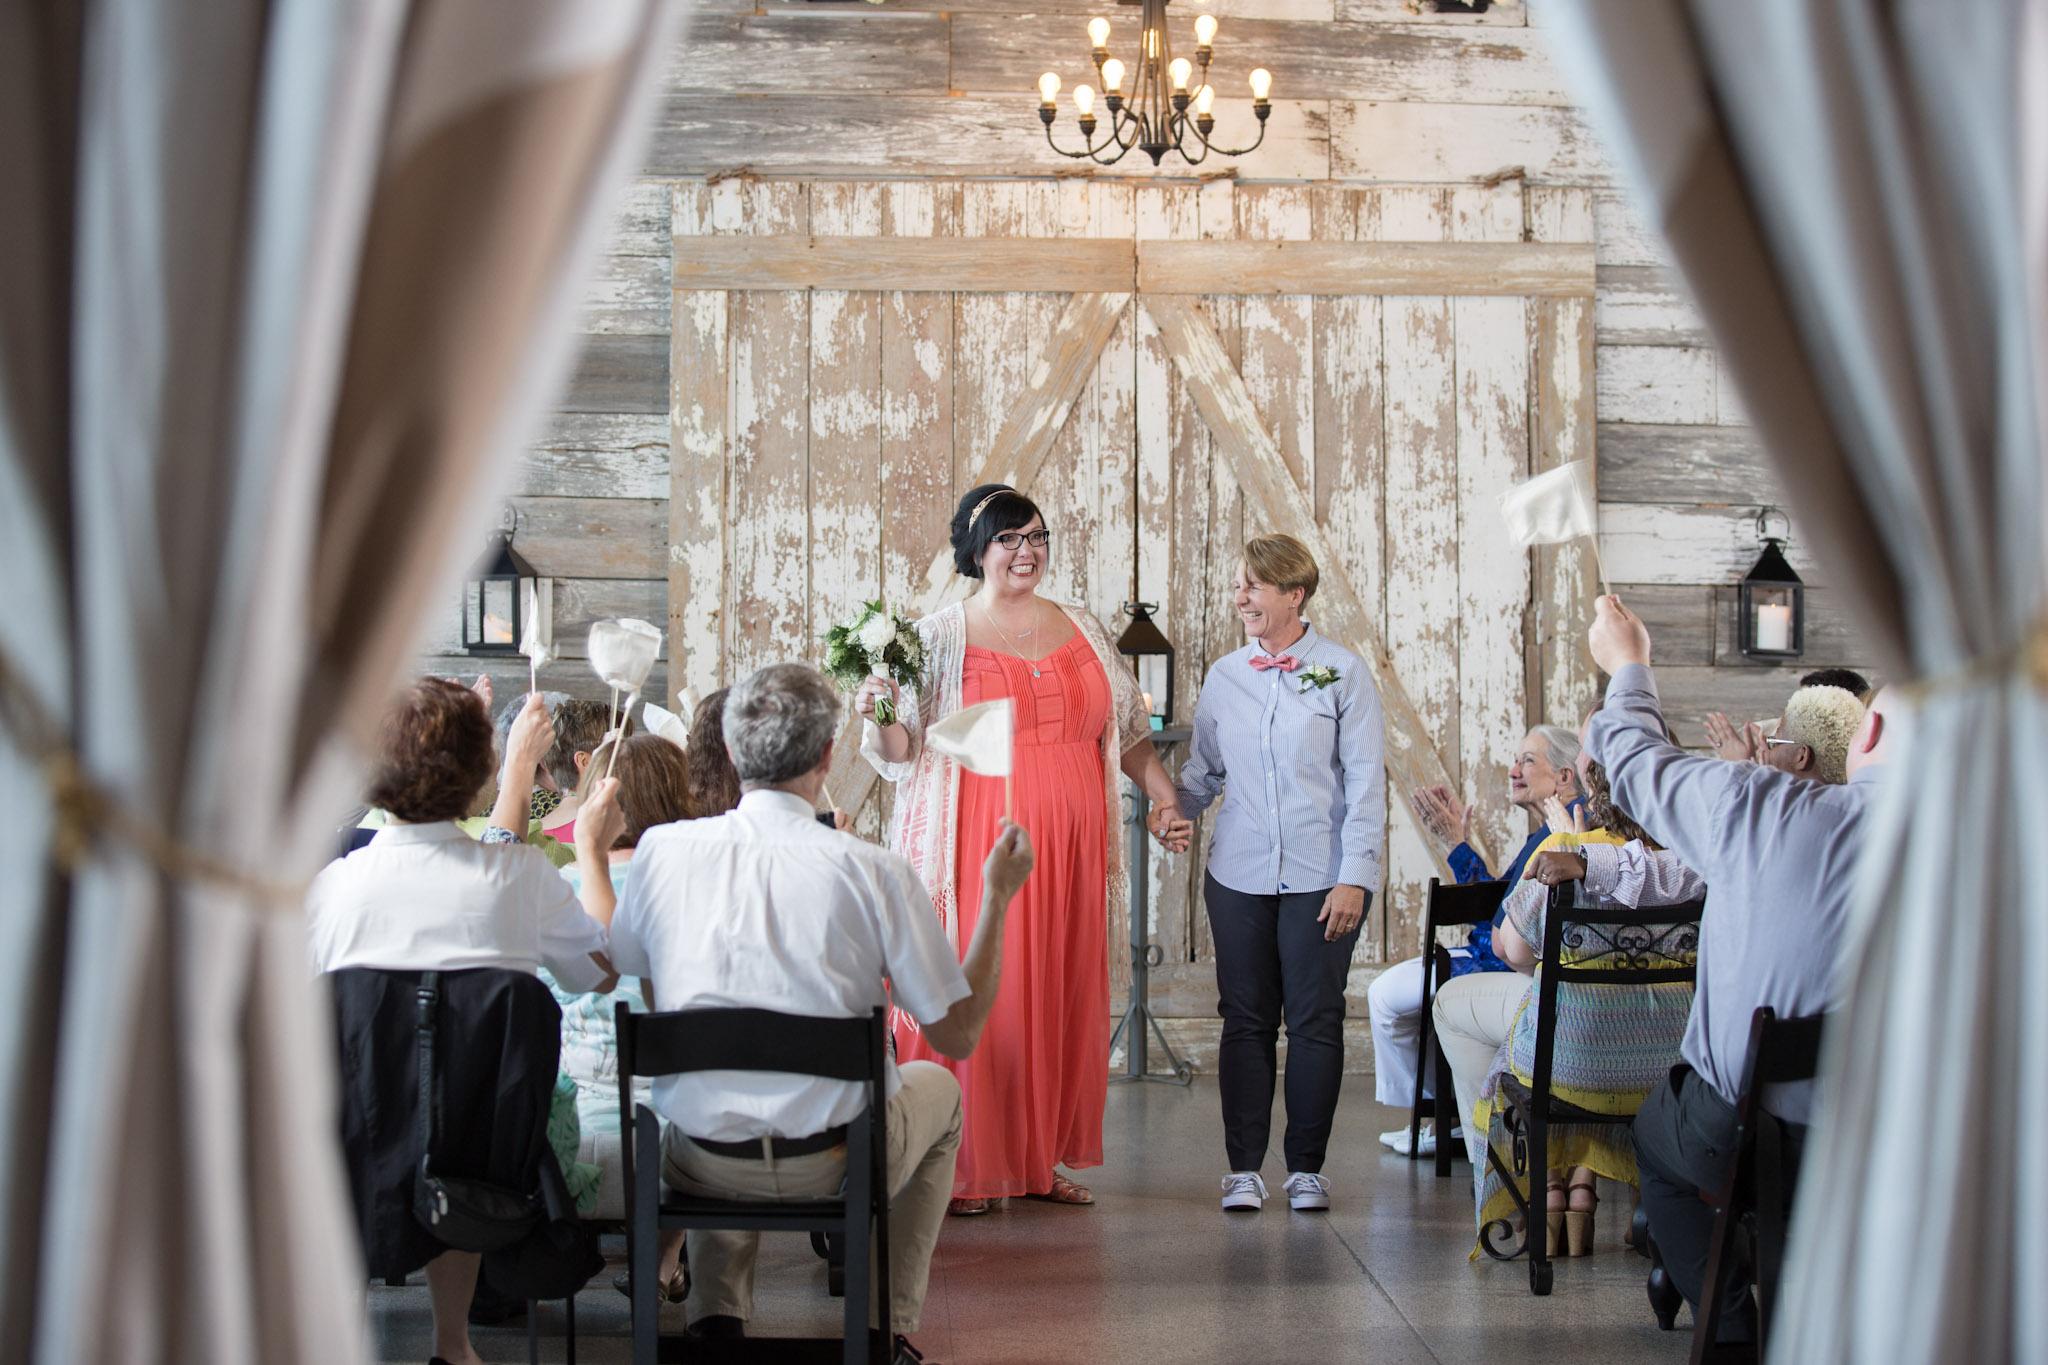 The_Vow_Exchange_Kansas_City_Small_Budget_Wedding_Venue_KM4A8284E&U.JPG